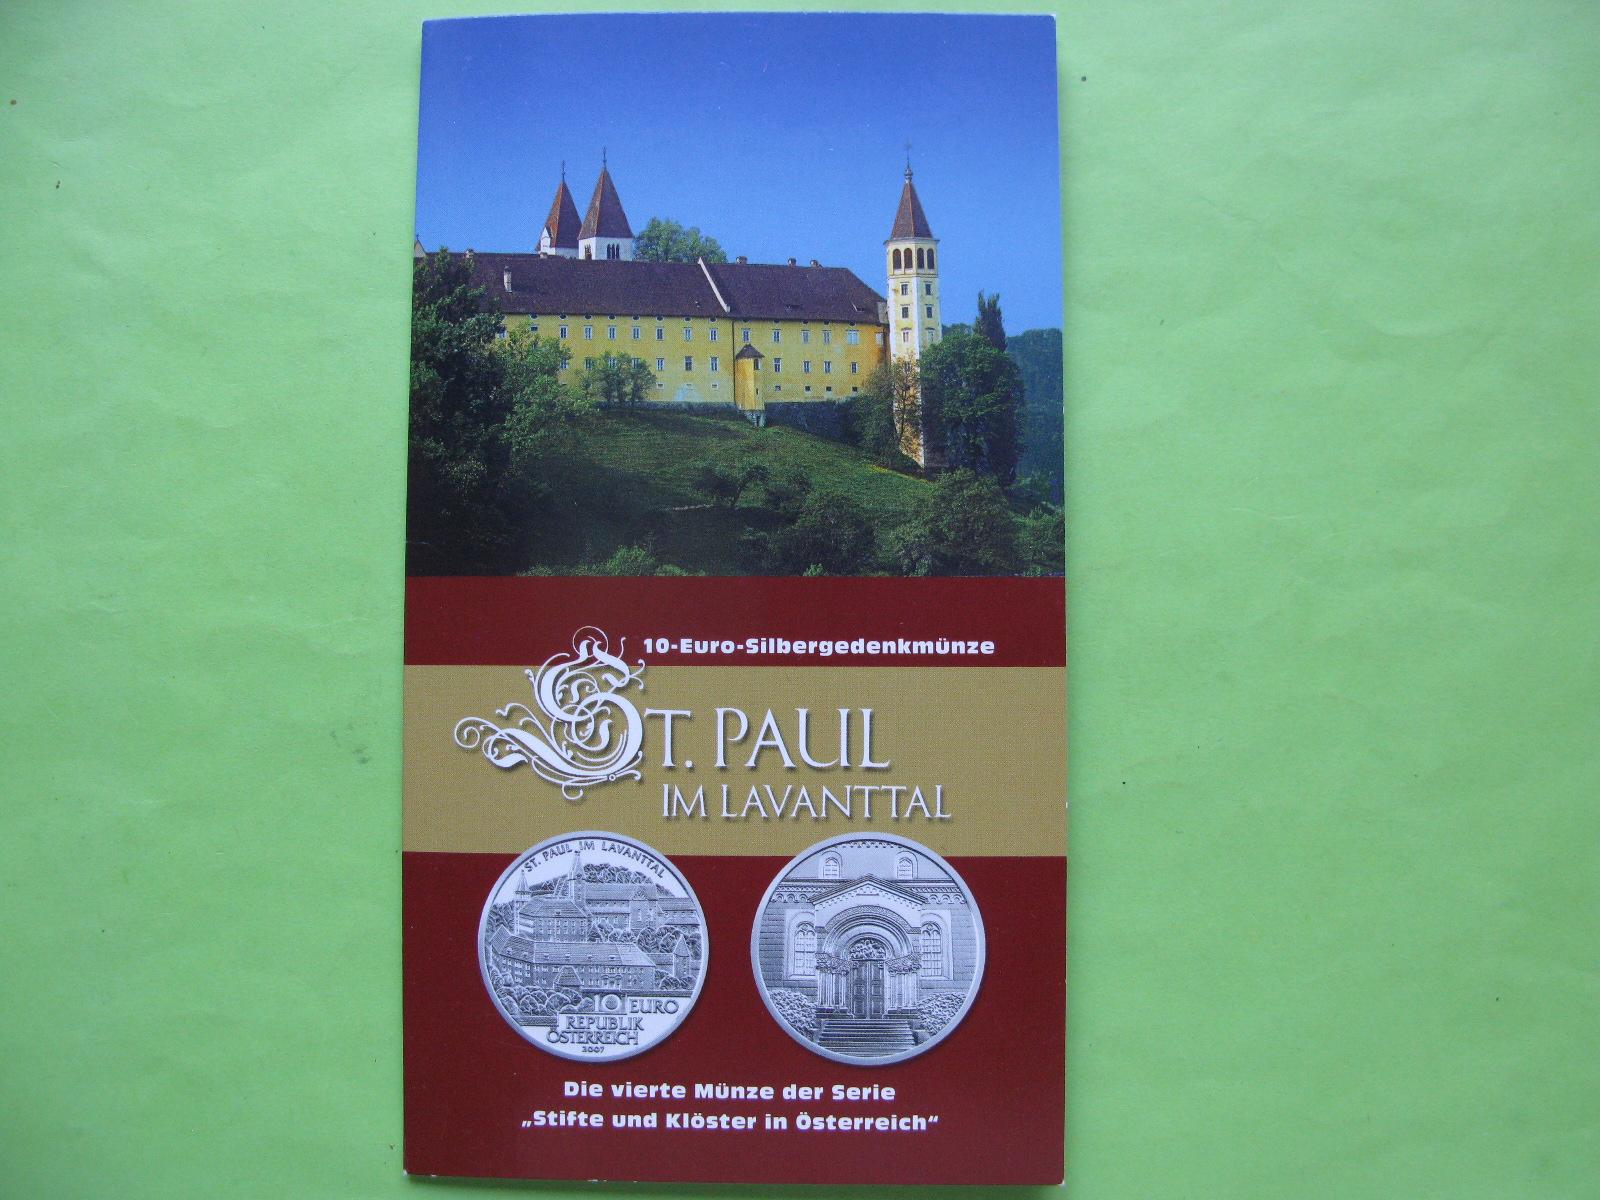 Австрия 10 евро 2007 г. Аббатство Святого Пауля в городе Лаванталь